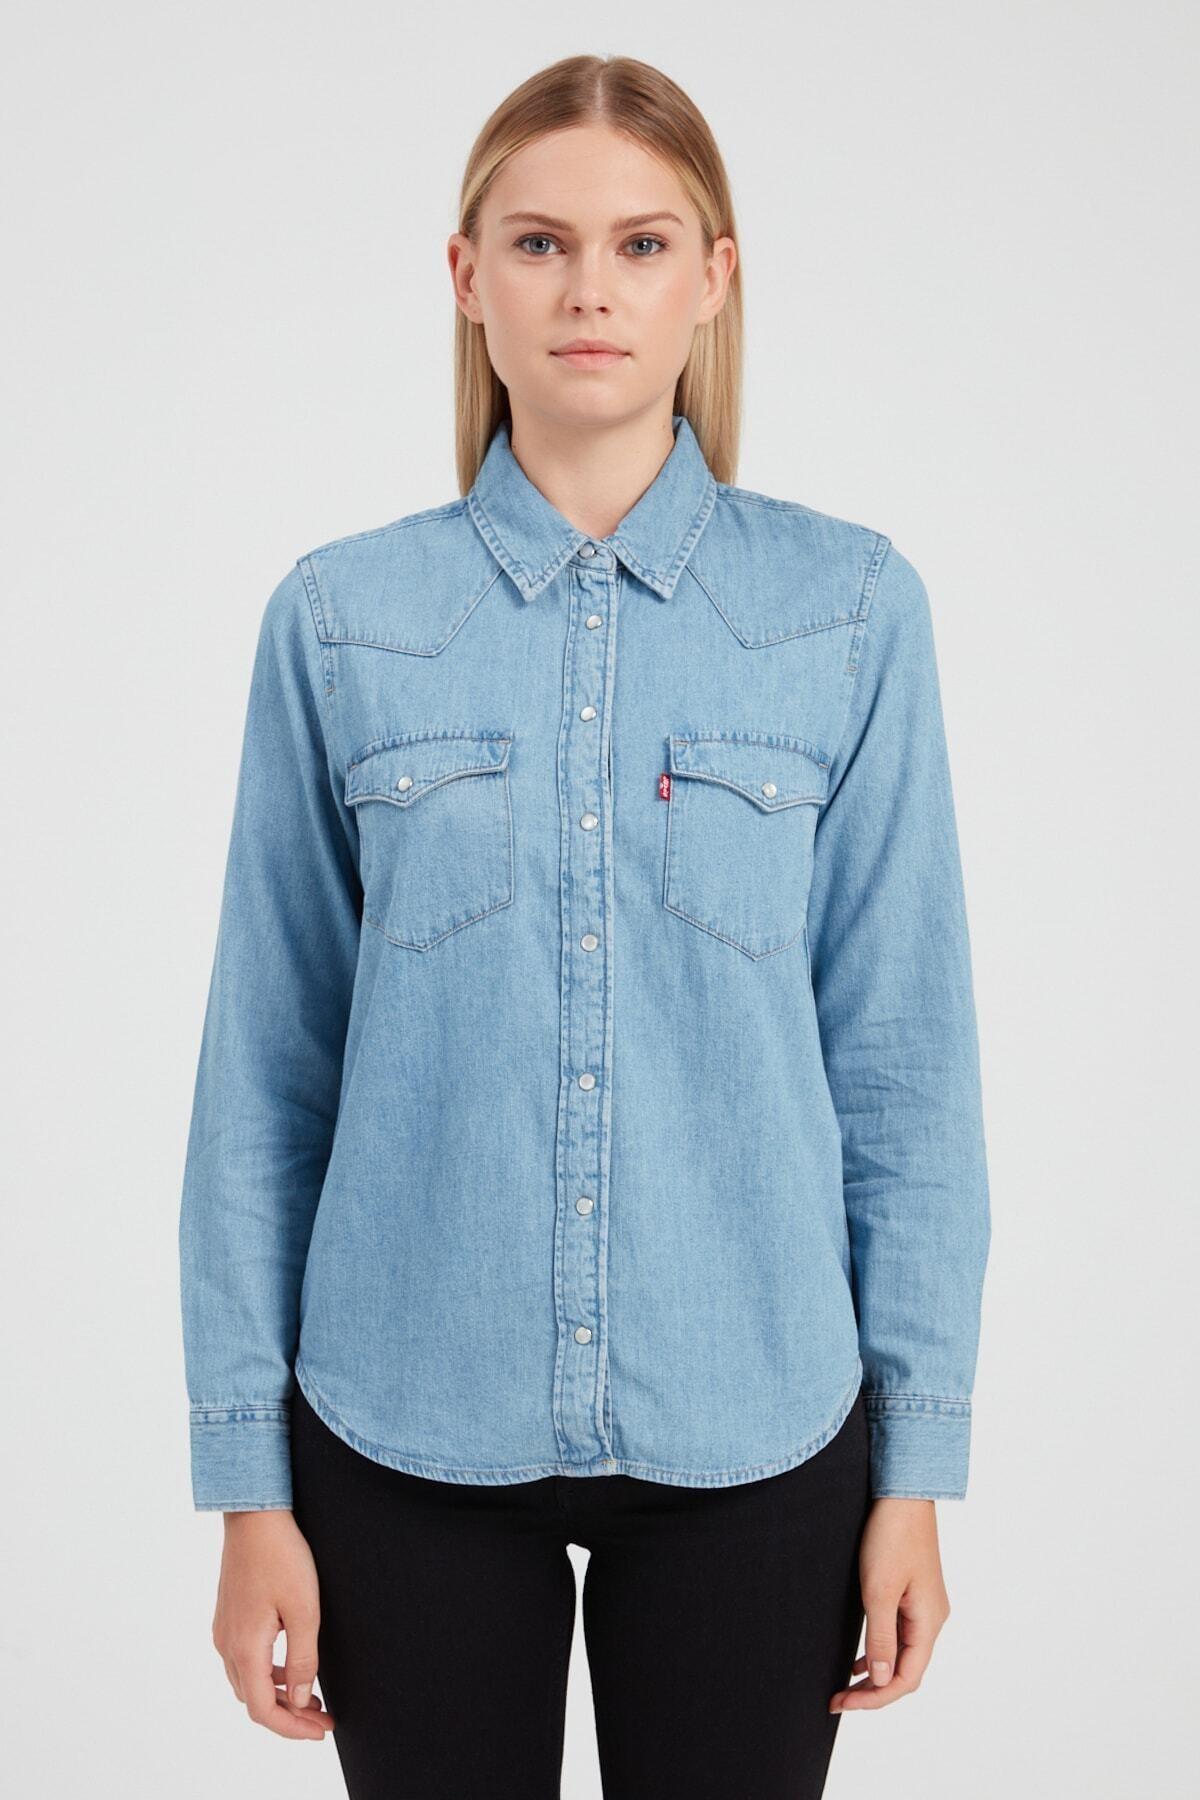 Levi's Kadın Mavi Gömlek 86832-0001 1